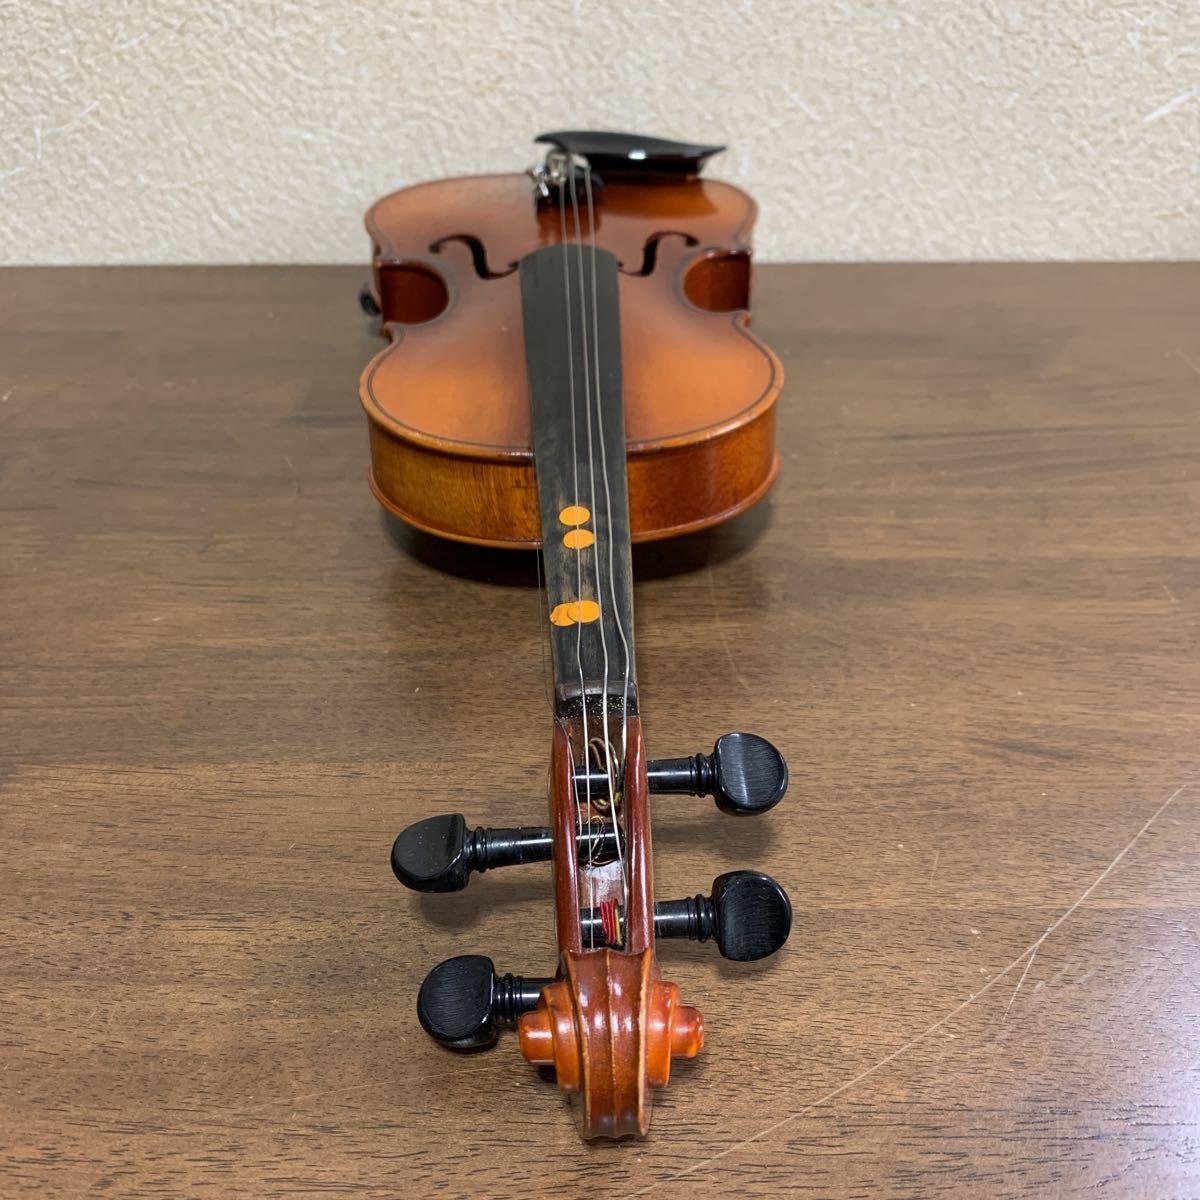 1円スタート SUZUKI 鈴木バイオリン スズキ バイオリン ハードケース付 弦楽器 中古 ジャンク_画像7